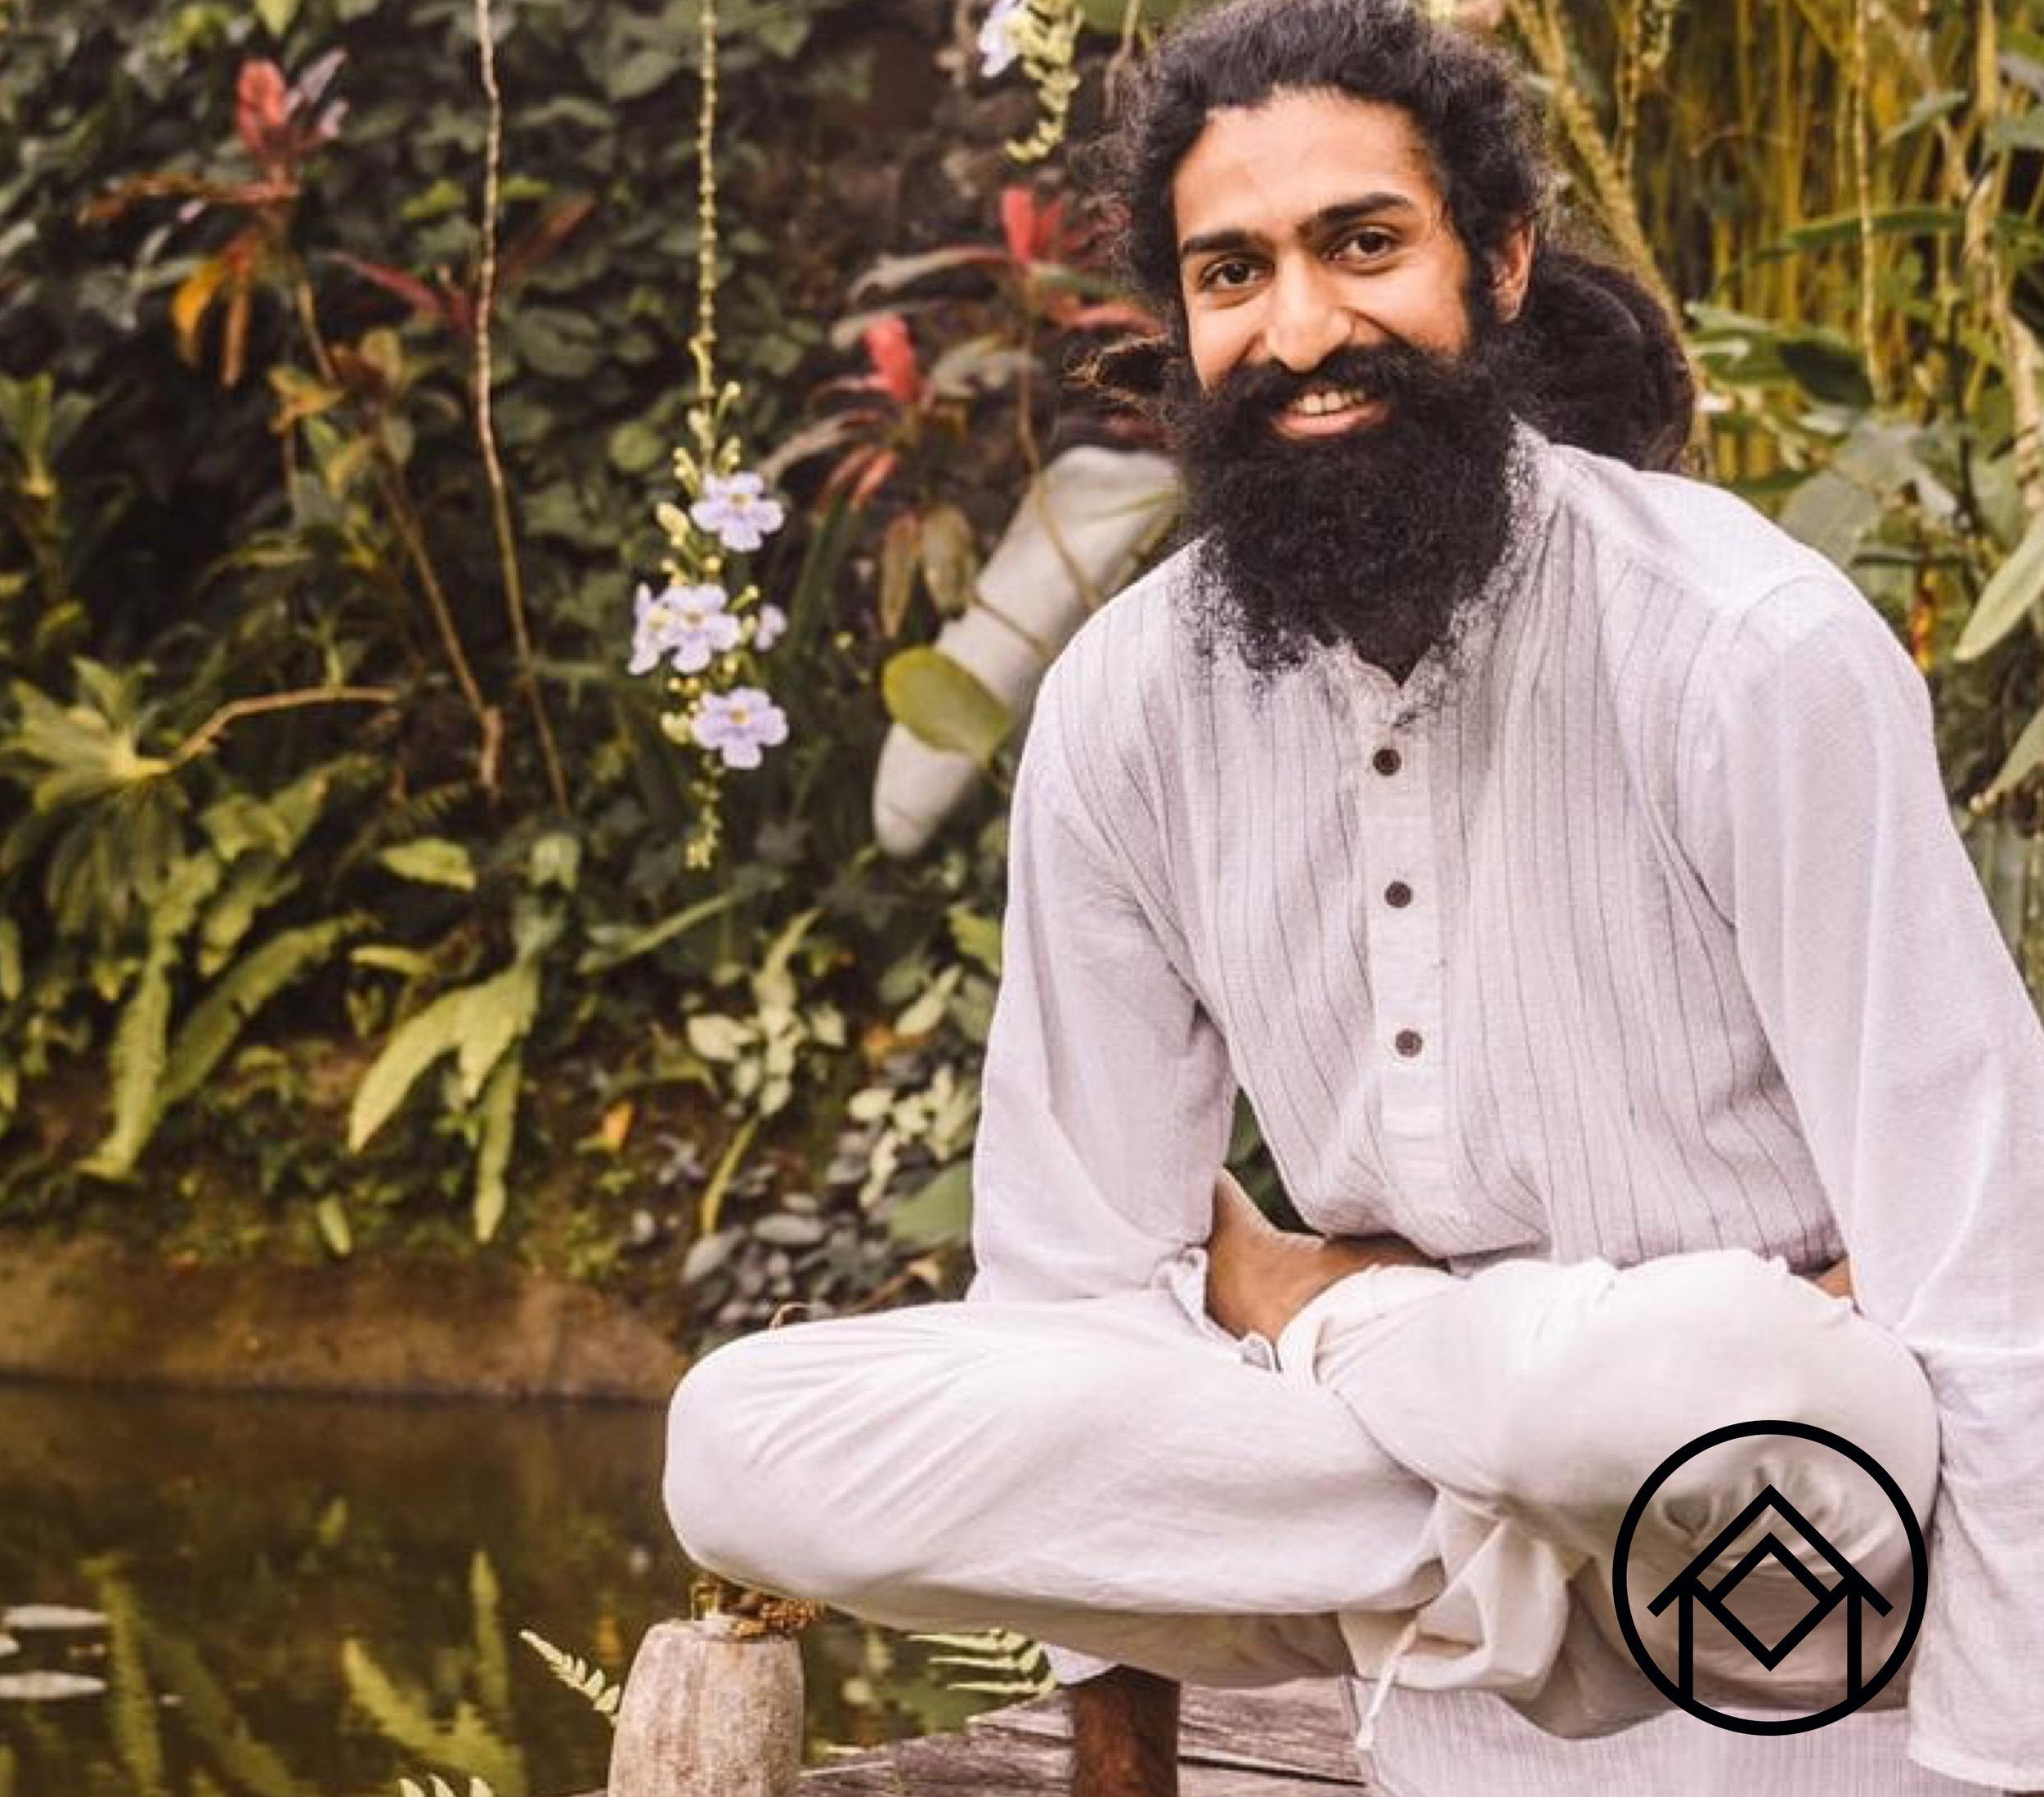 För mig är andning allt. Andningen är ditt ankare i motgångar och din ledstjärna i medgångar. Lär dig att andas rätt och andas medvetet. När du är i kontakt med andningen så är allt möjligt.